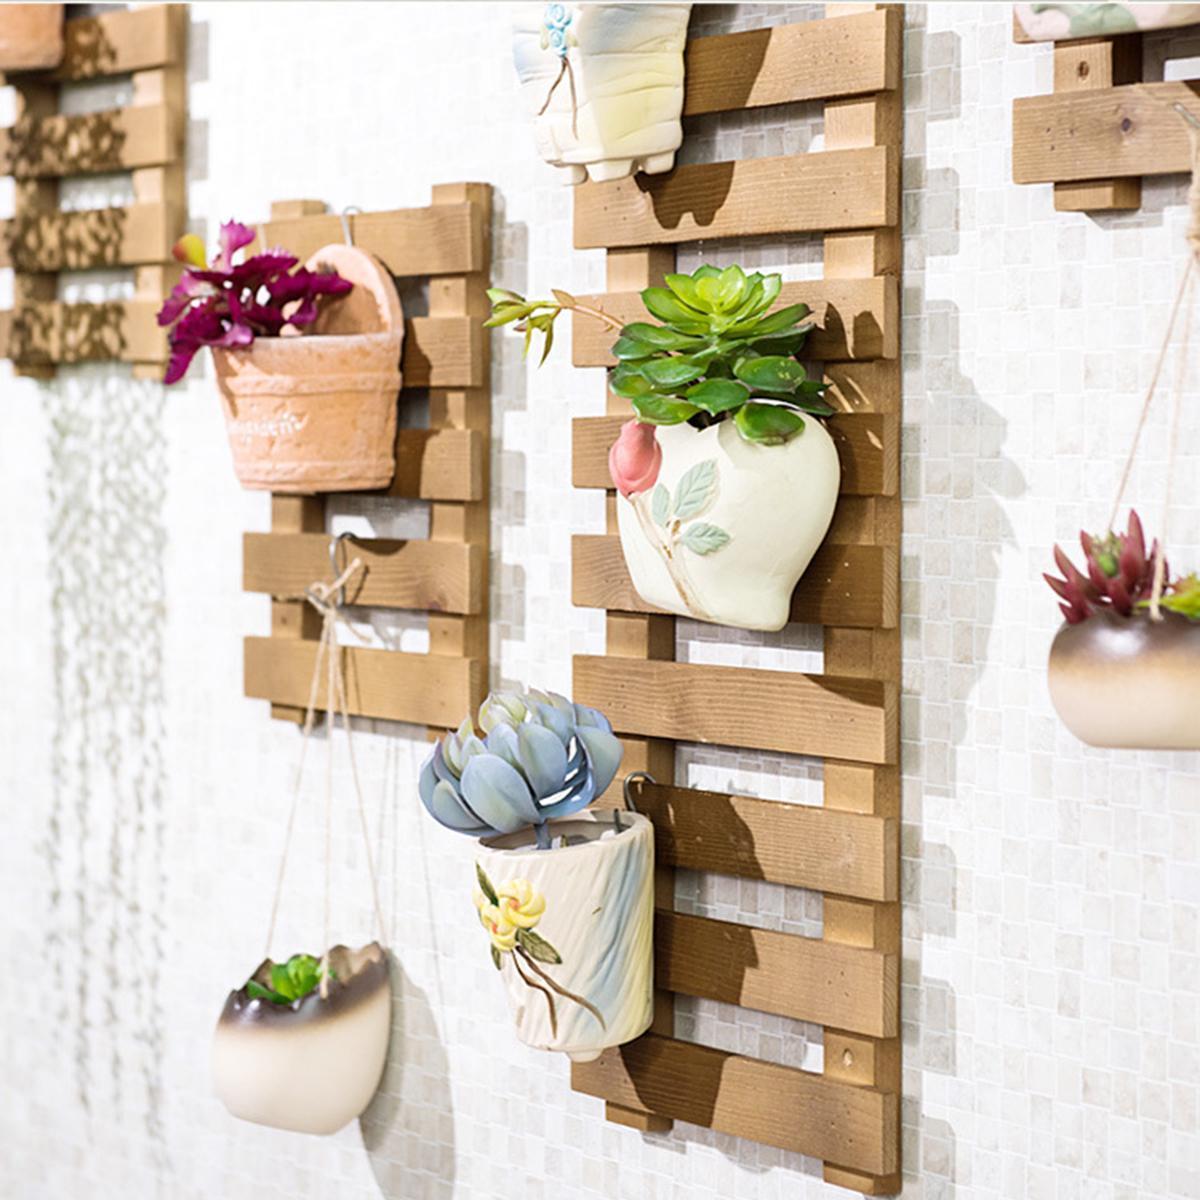 khung gỗ treo chậu hoa, hoa dây leo, trang trí tường-combo4tấm